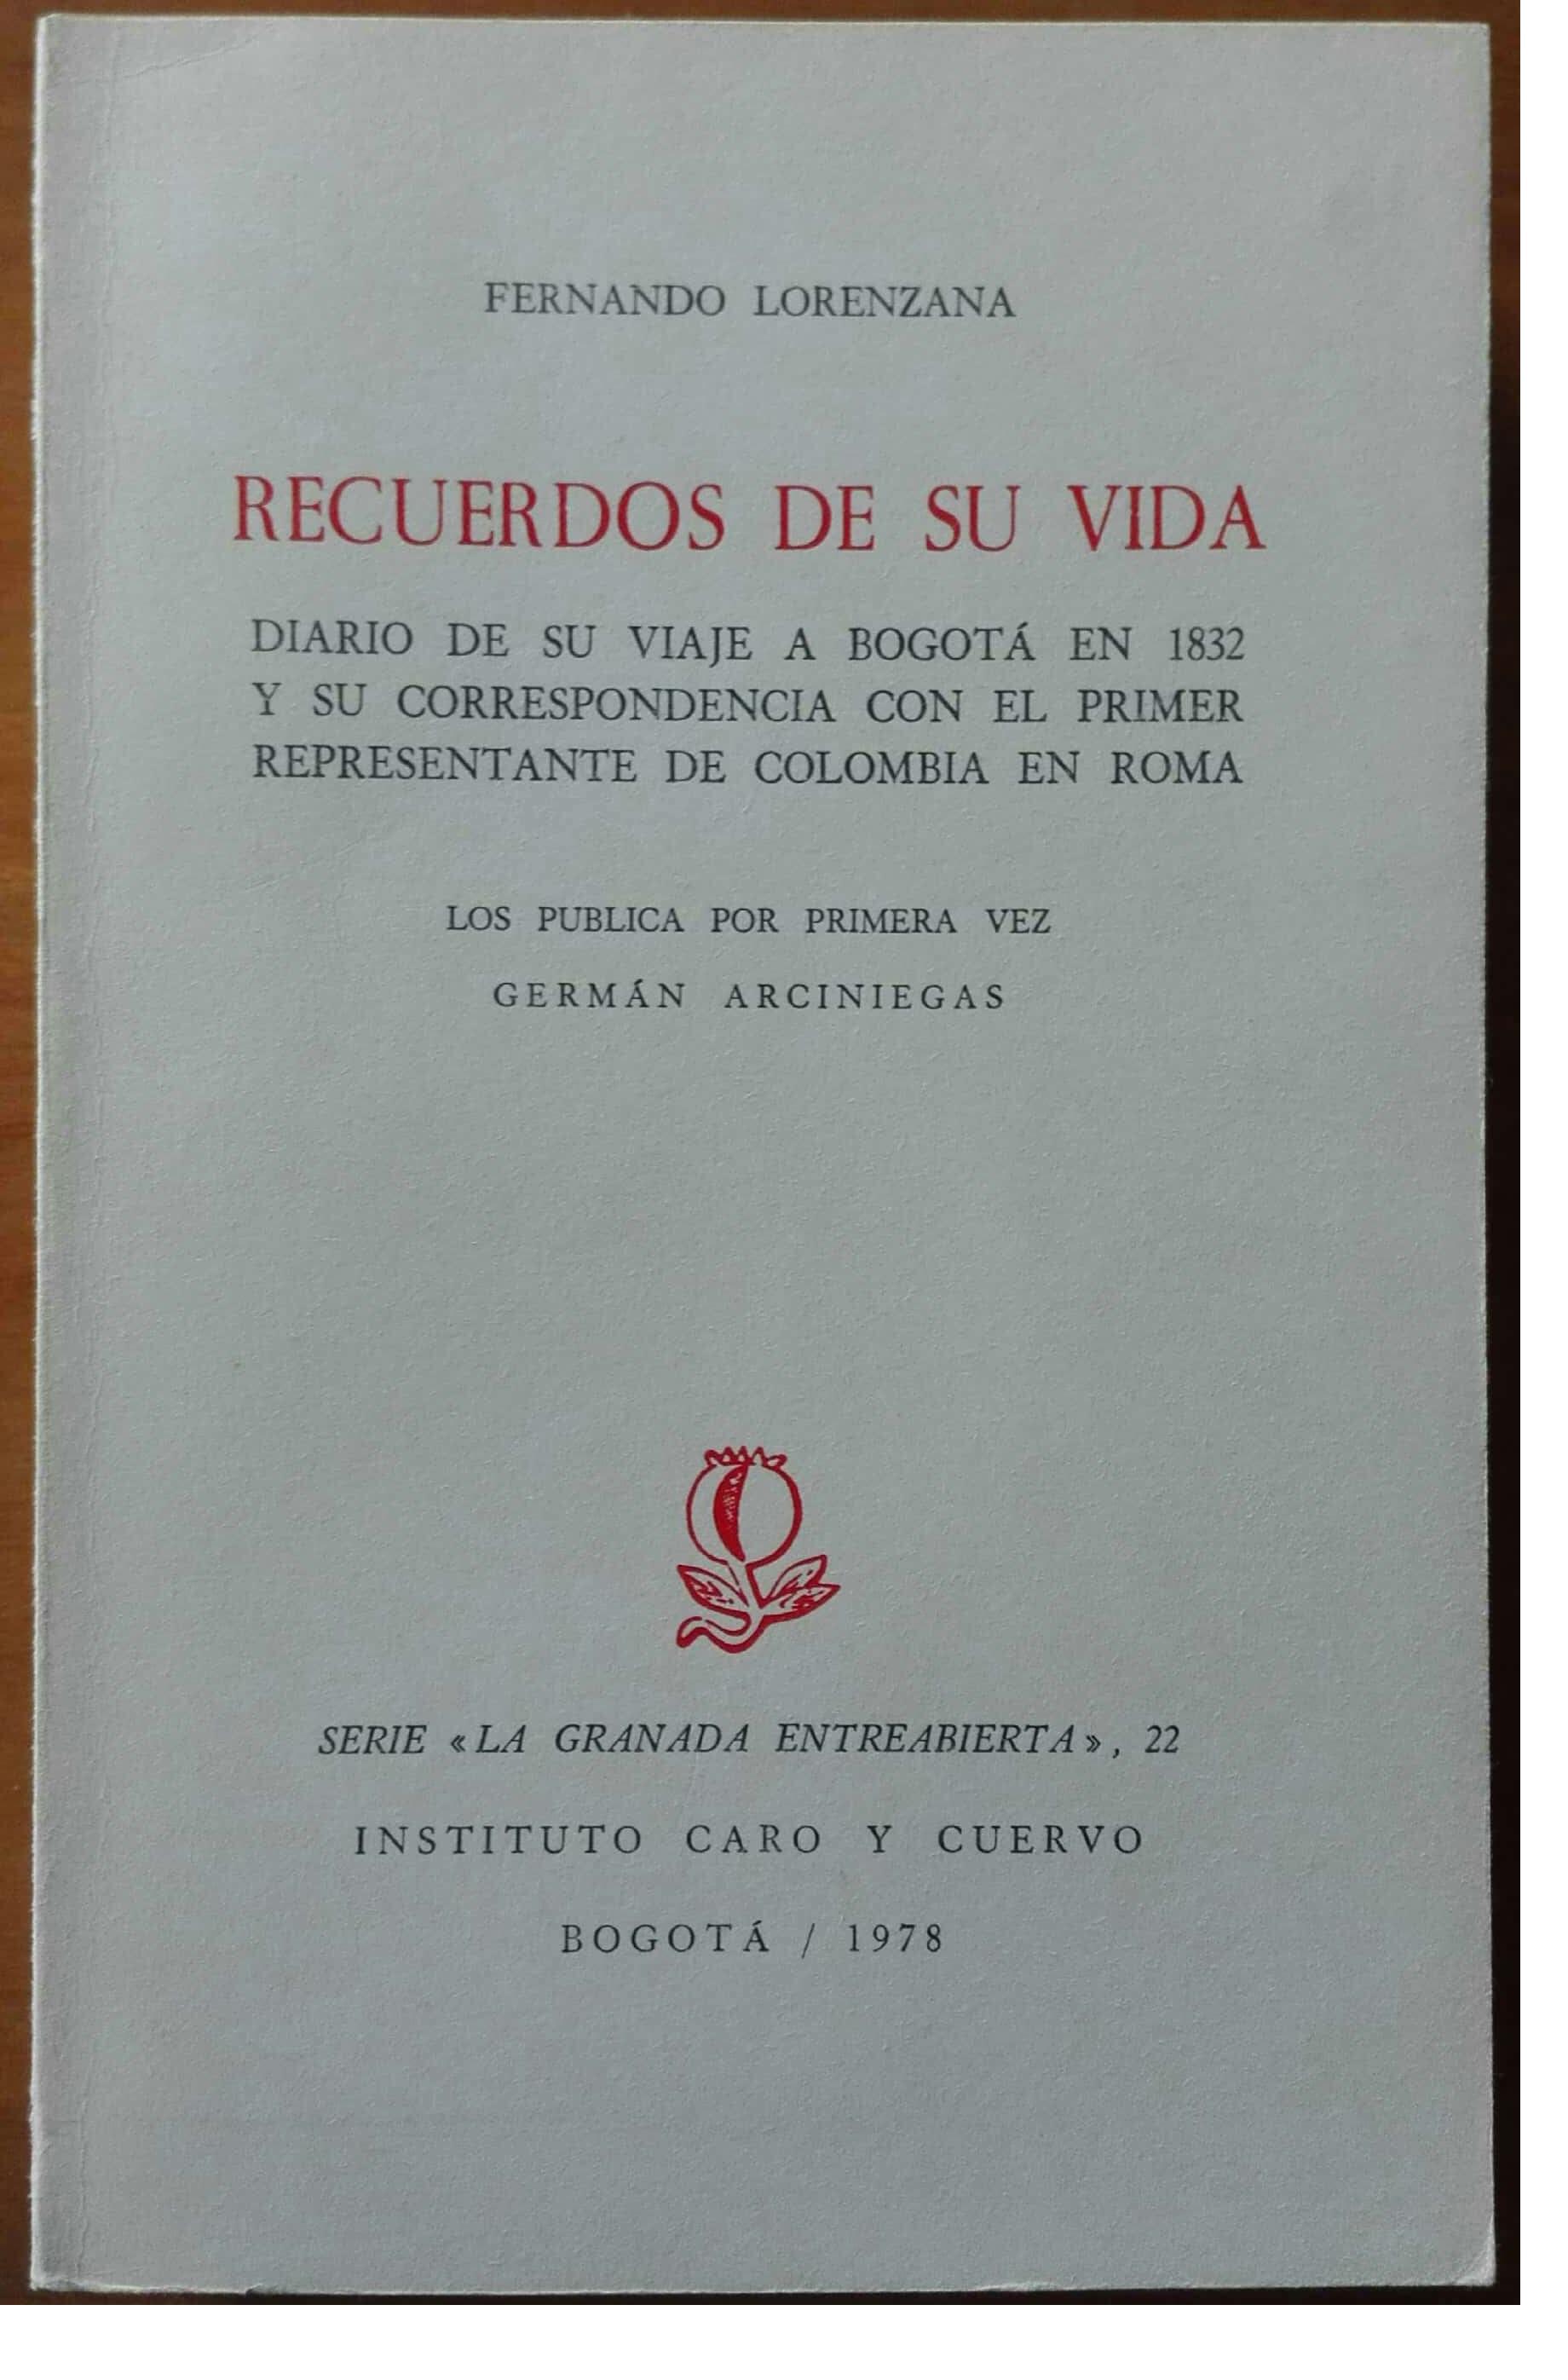 Recuerdos de su vida. Diario de su viaje a Bogotá en 1832 y su correspondencia con el primer representante de Colombia en Roma. Los publica por primera vez Germán Arciniegas